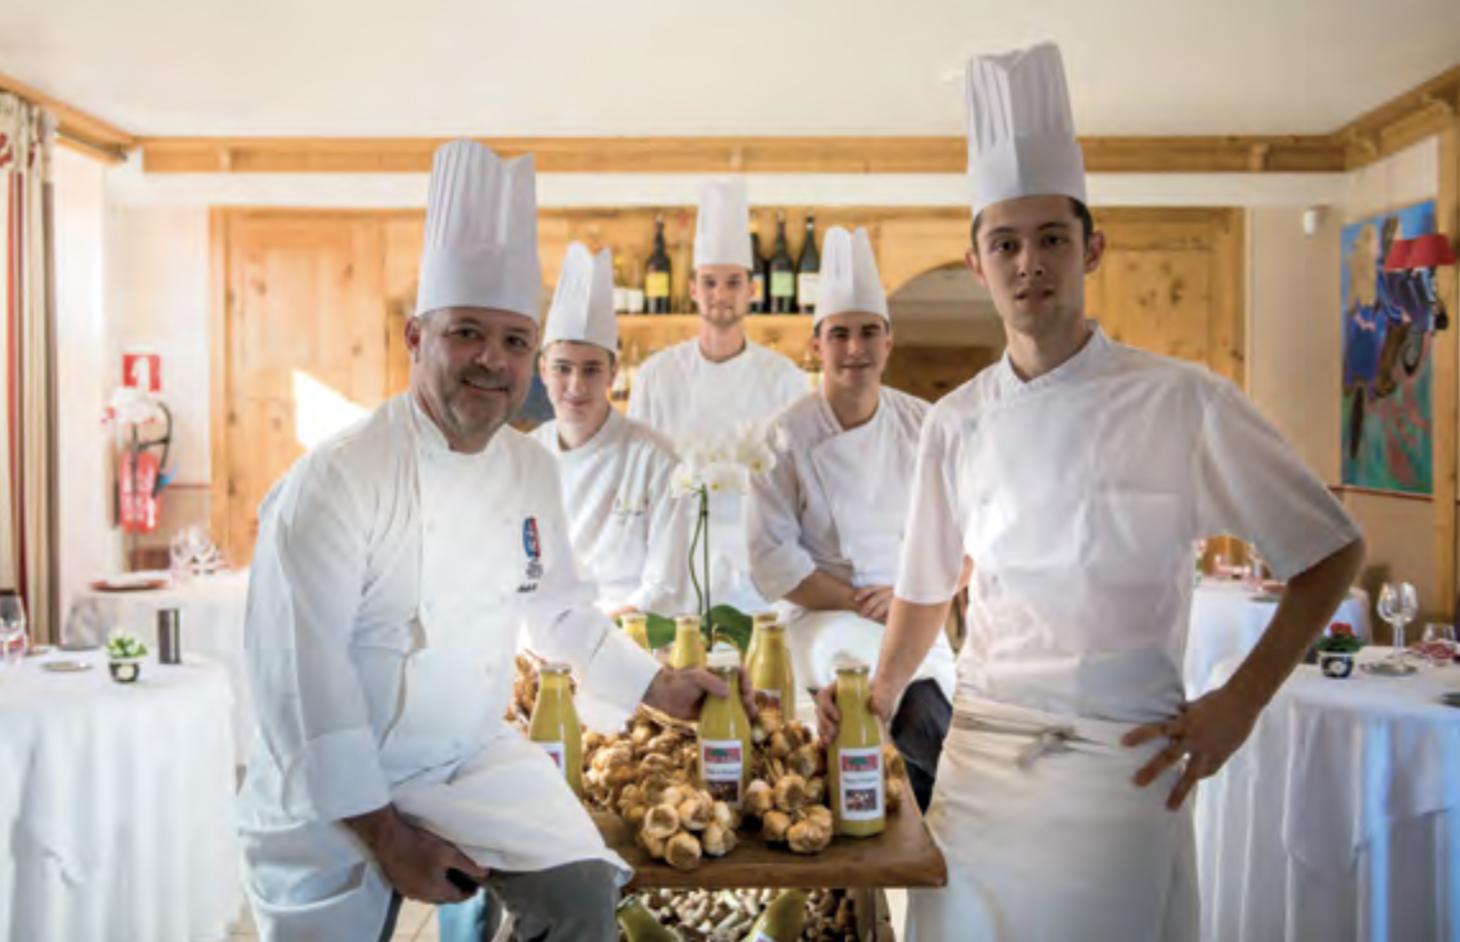 Restaurant Le Tilia - André Chouvin